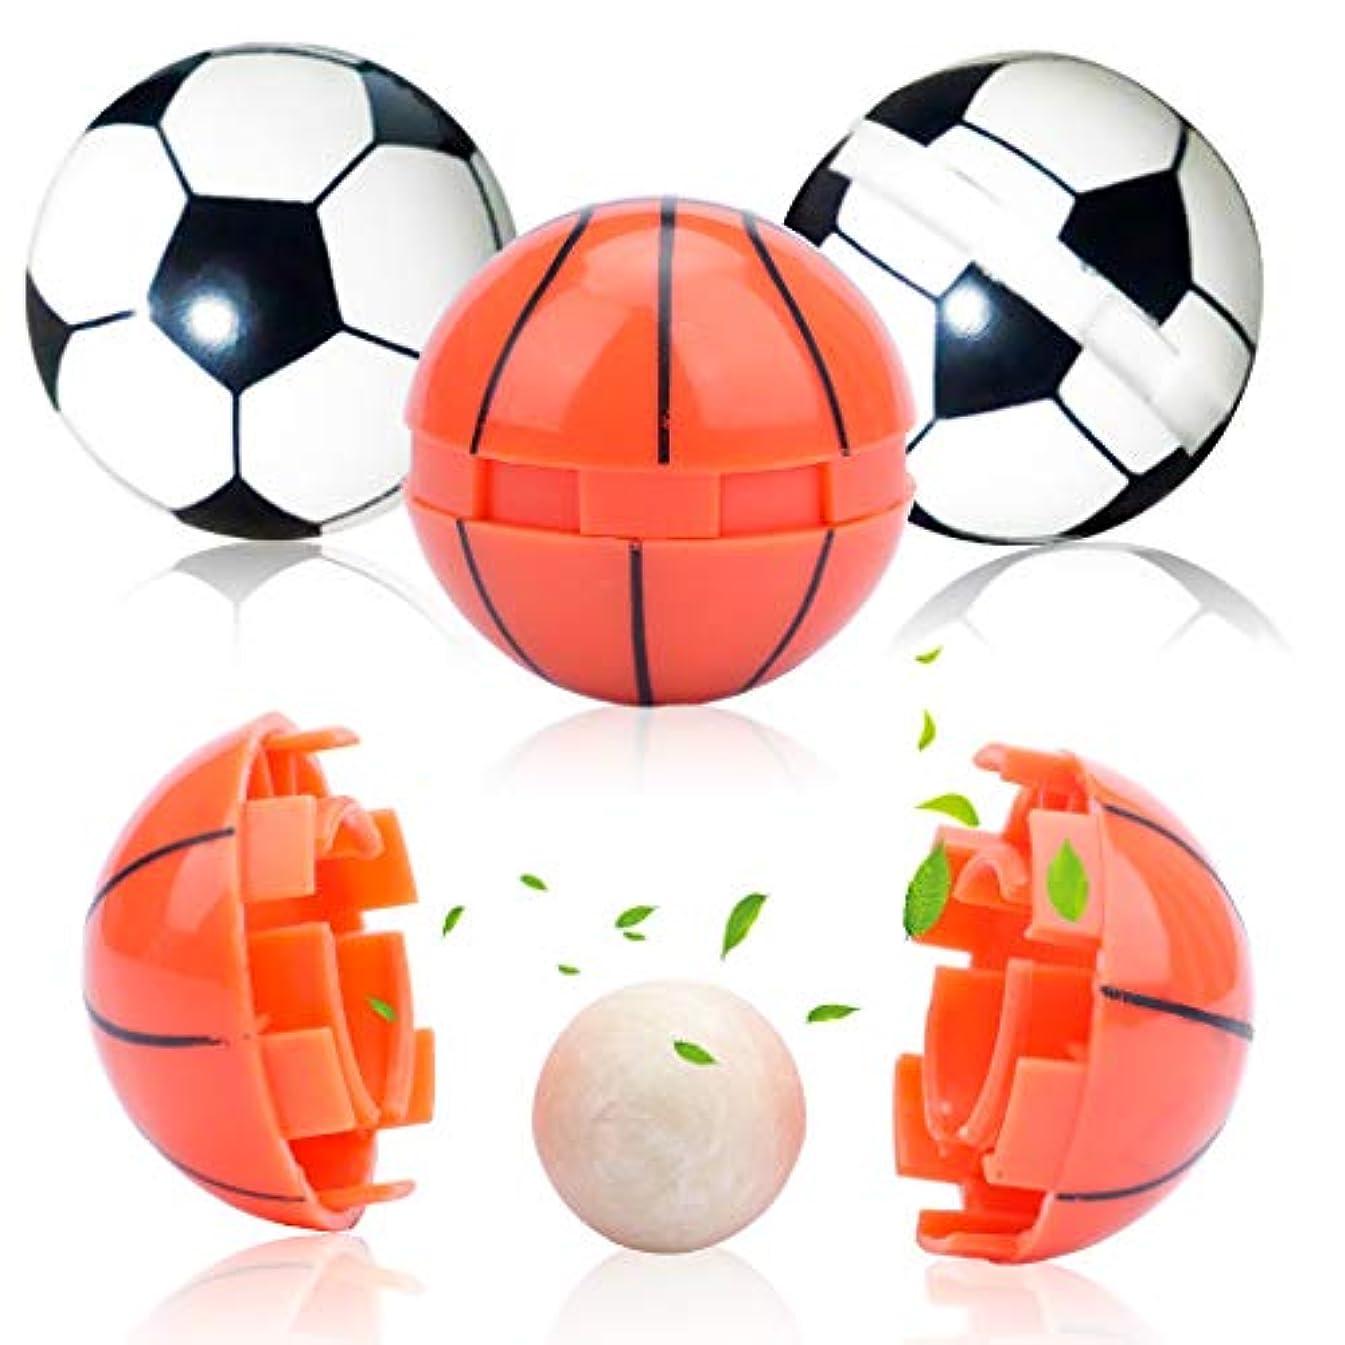 ポケットキャンディー神話Amycute アロマ アロマボール 香り玉 4点セット (18mm)750g 丸型 サッカー&バスケットボールデザイン 香りが長続き